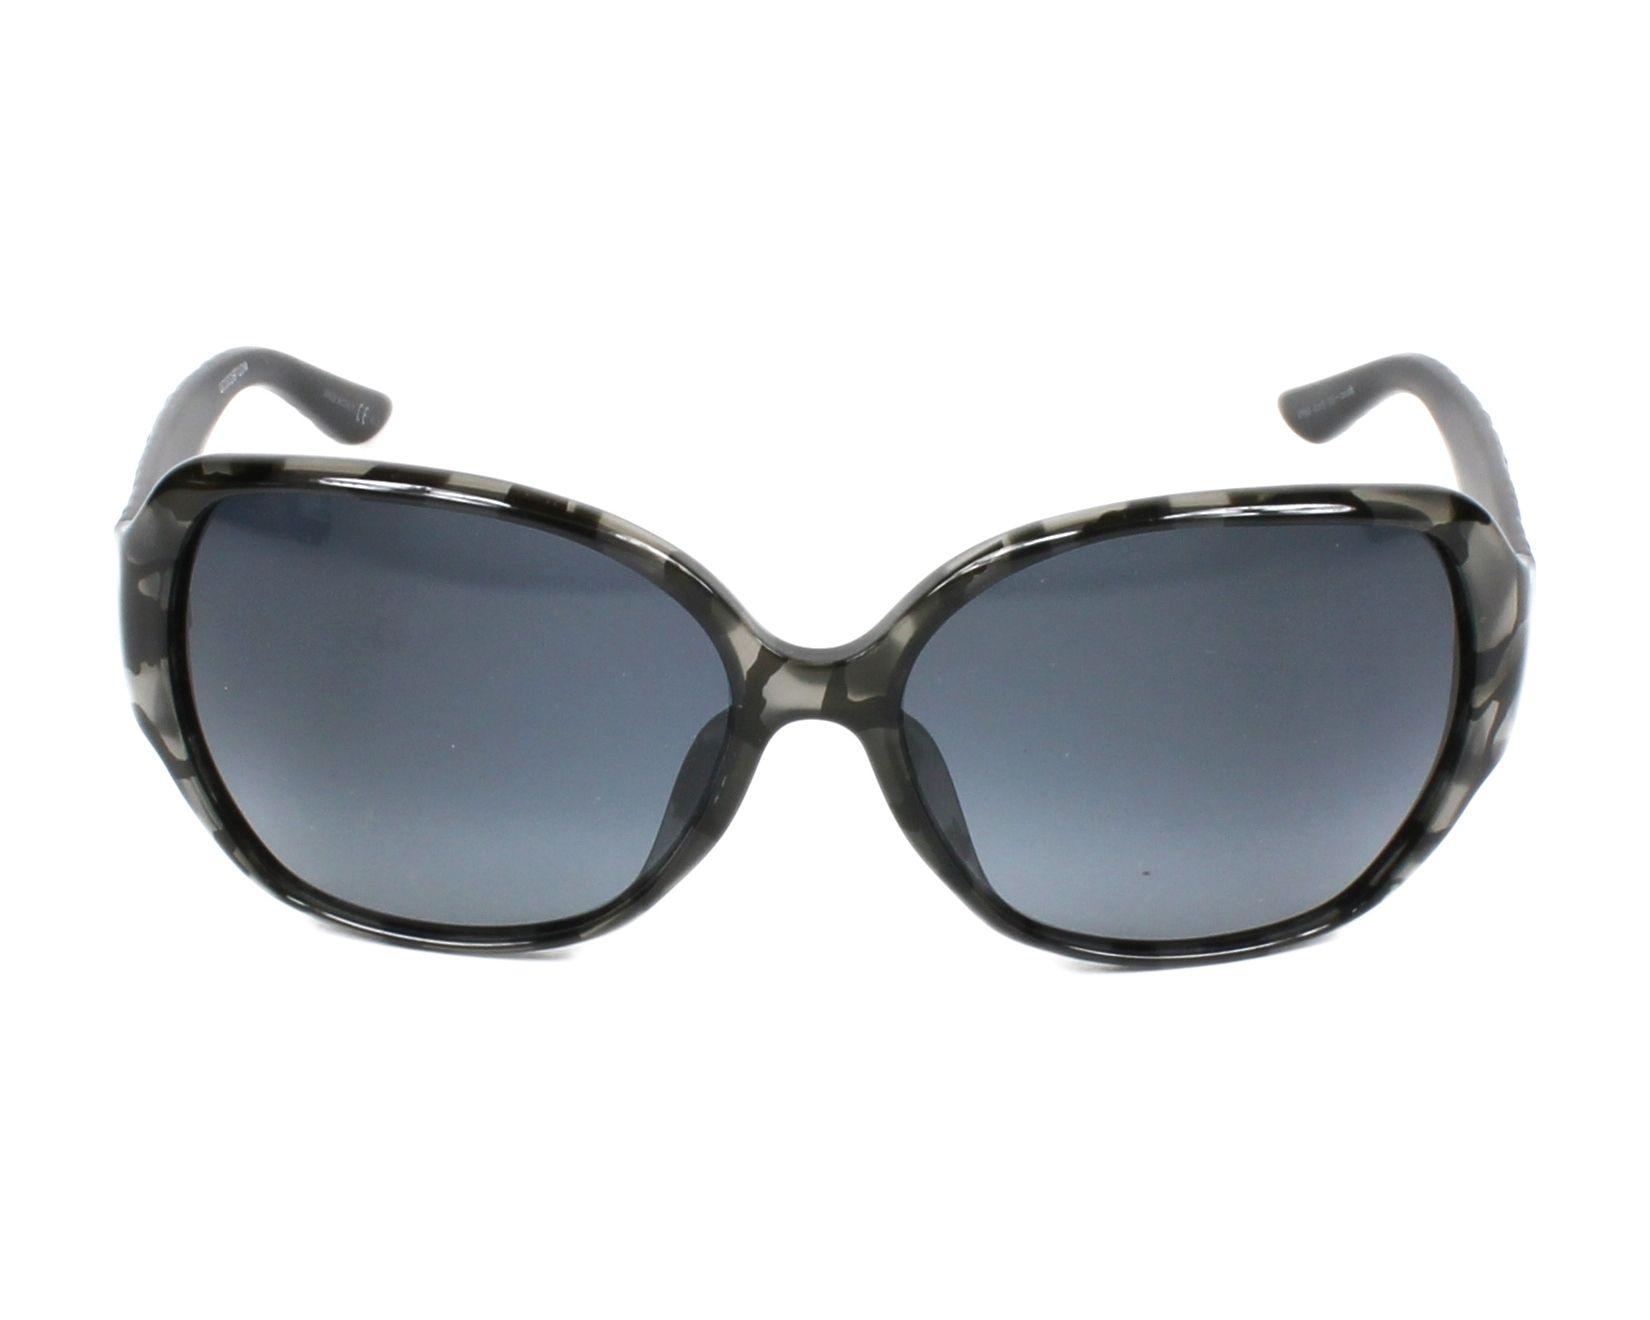 Lunettes de soleil christian dior diorfrissonf kf9 hd gris avec des verres bleu gris - Verre lunette raye assurance ...